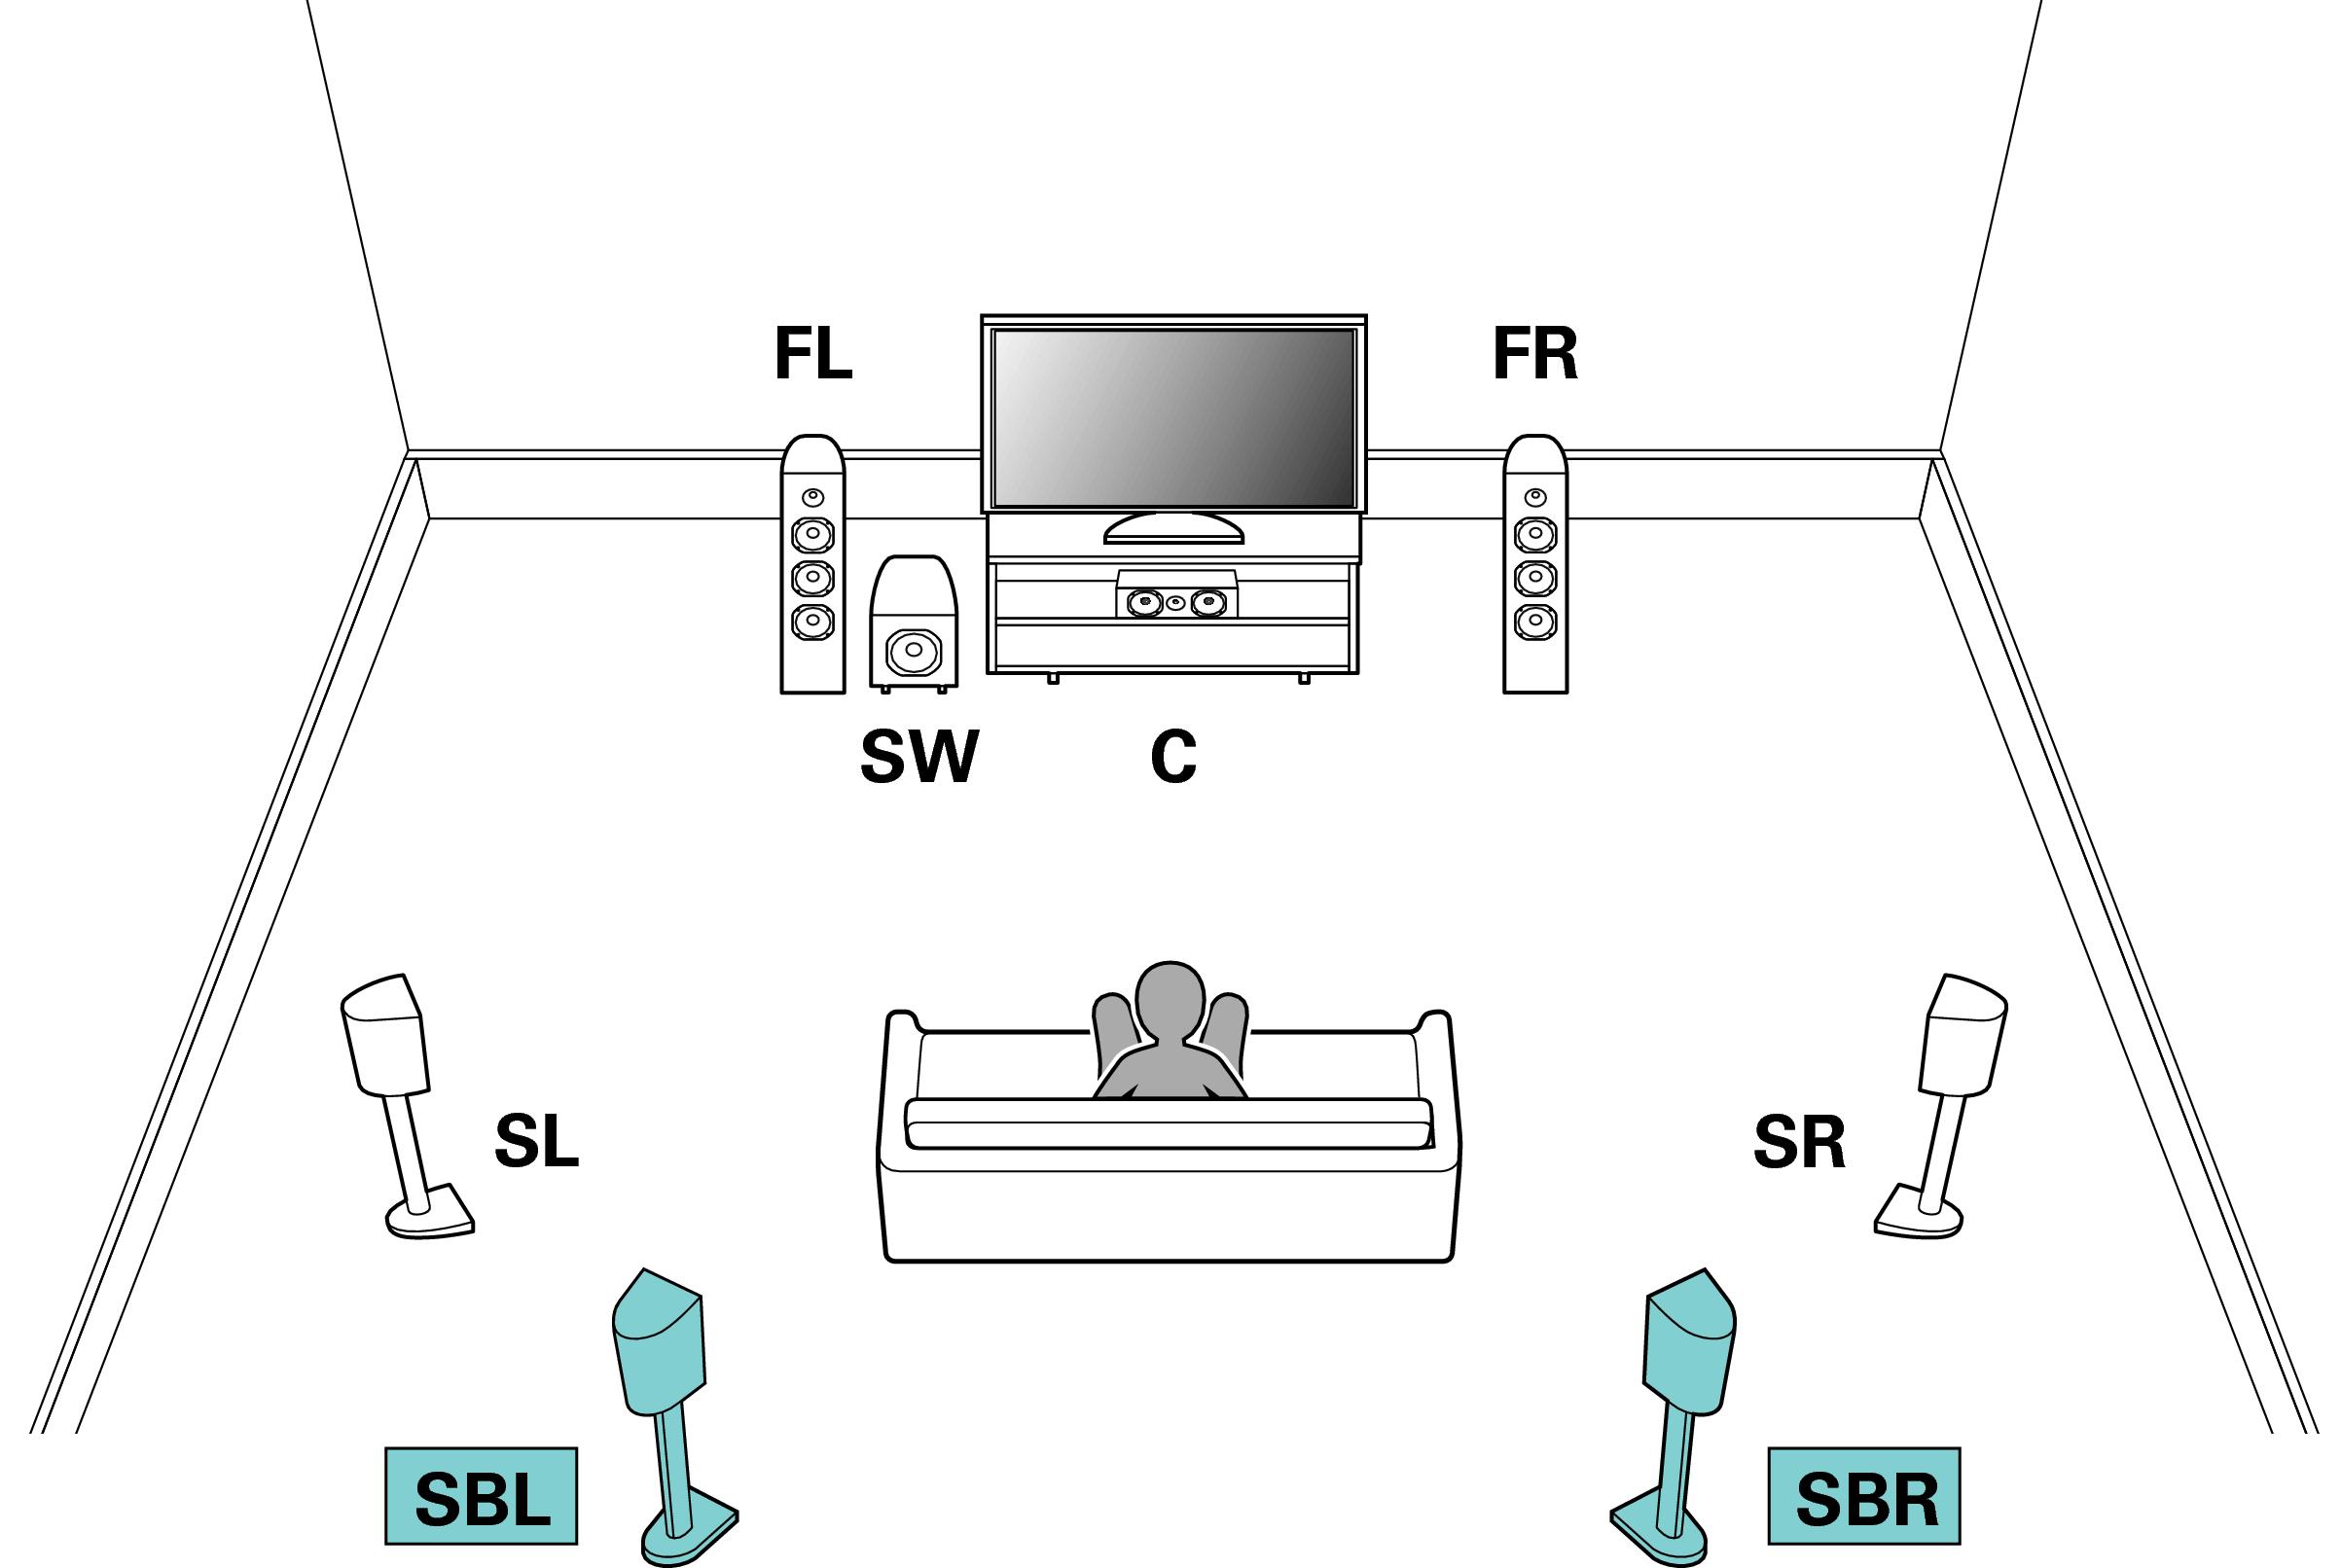 konfigurowanie g u0142o u015bnik u00f3w i ustawienia  u201cprzypisanie wzmacniacz  u201d sr5009